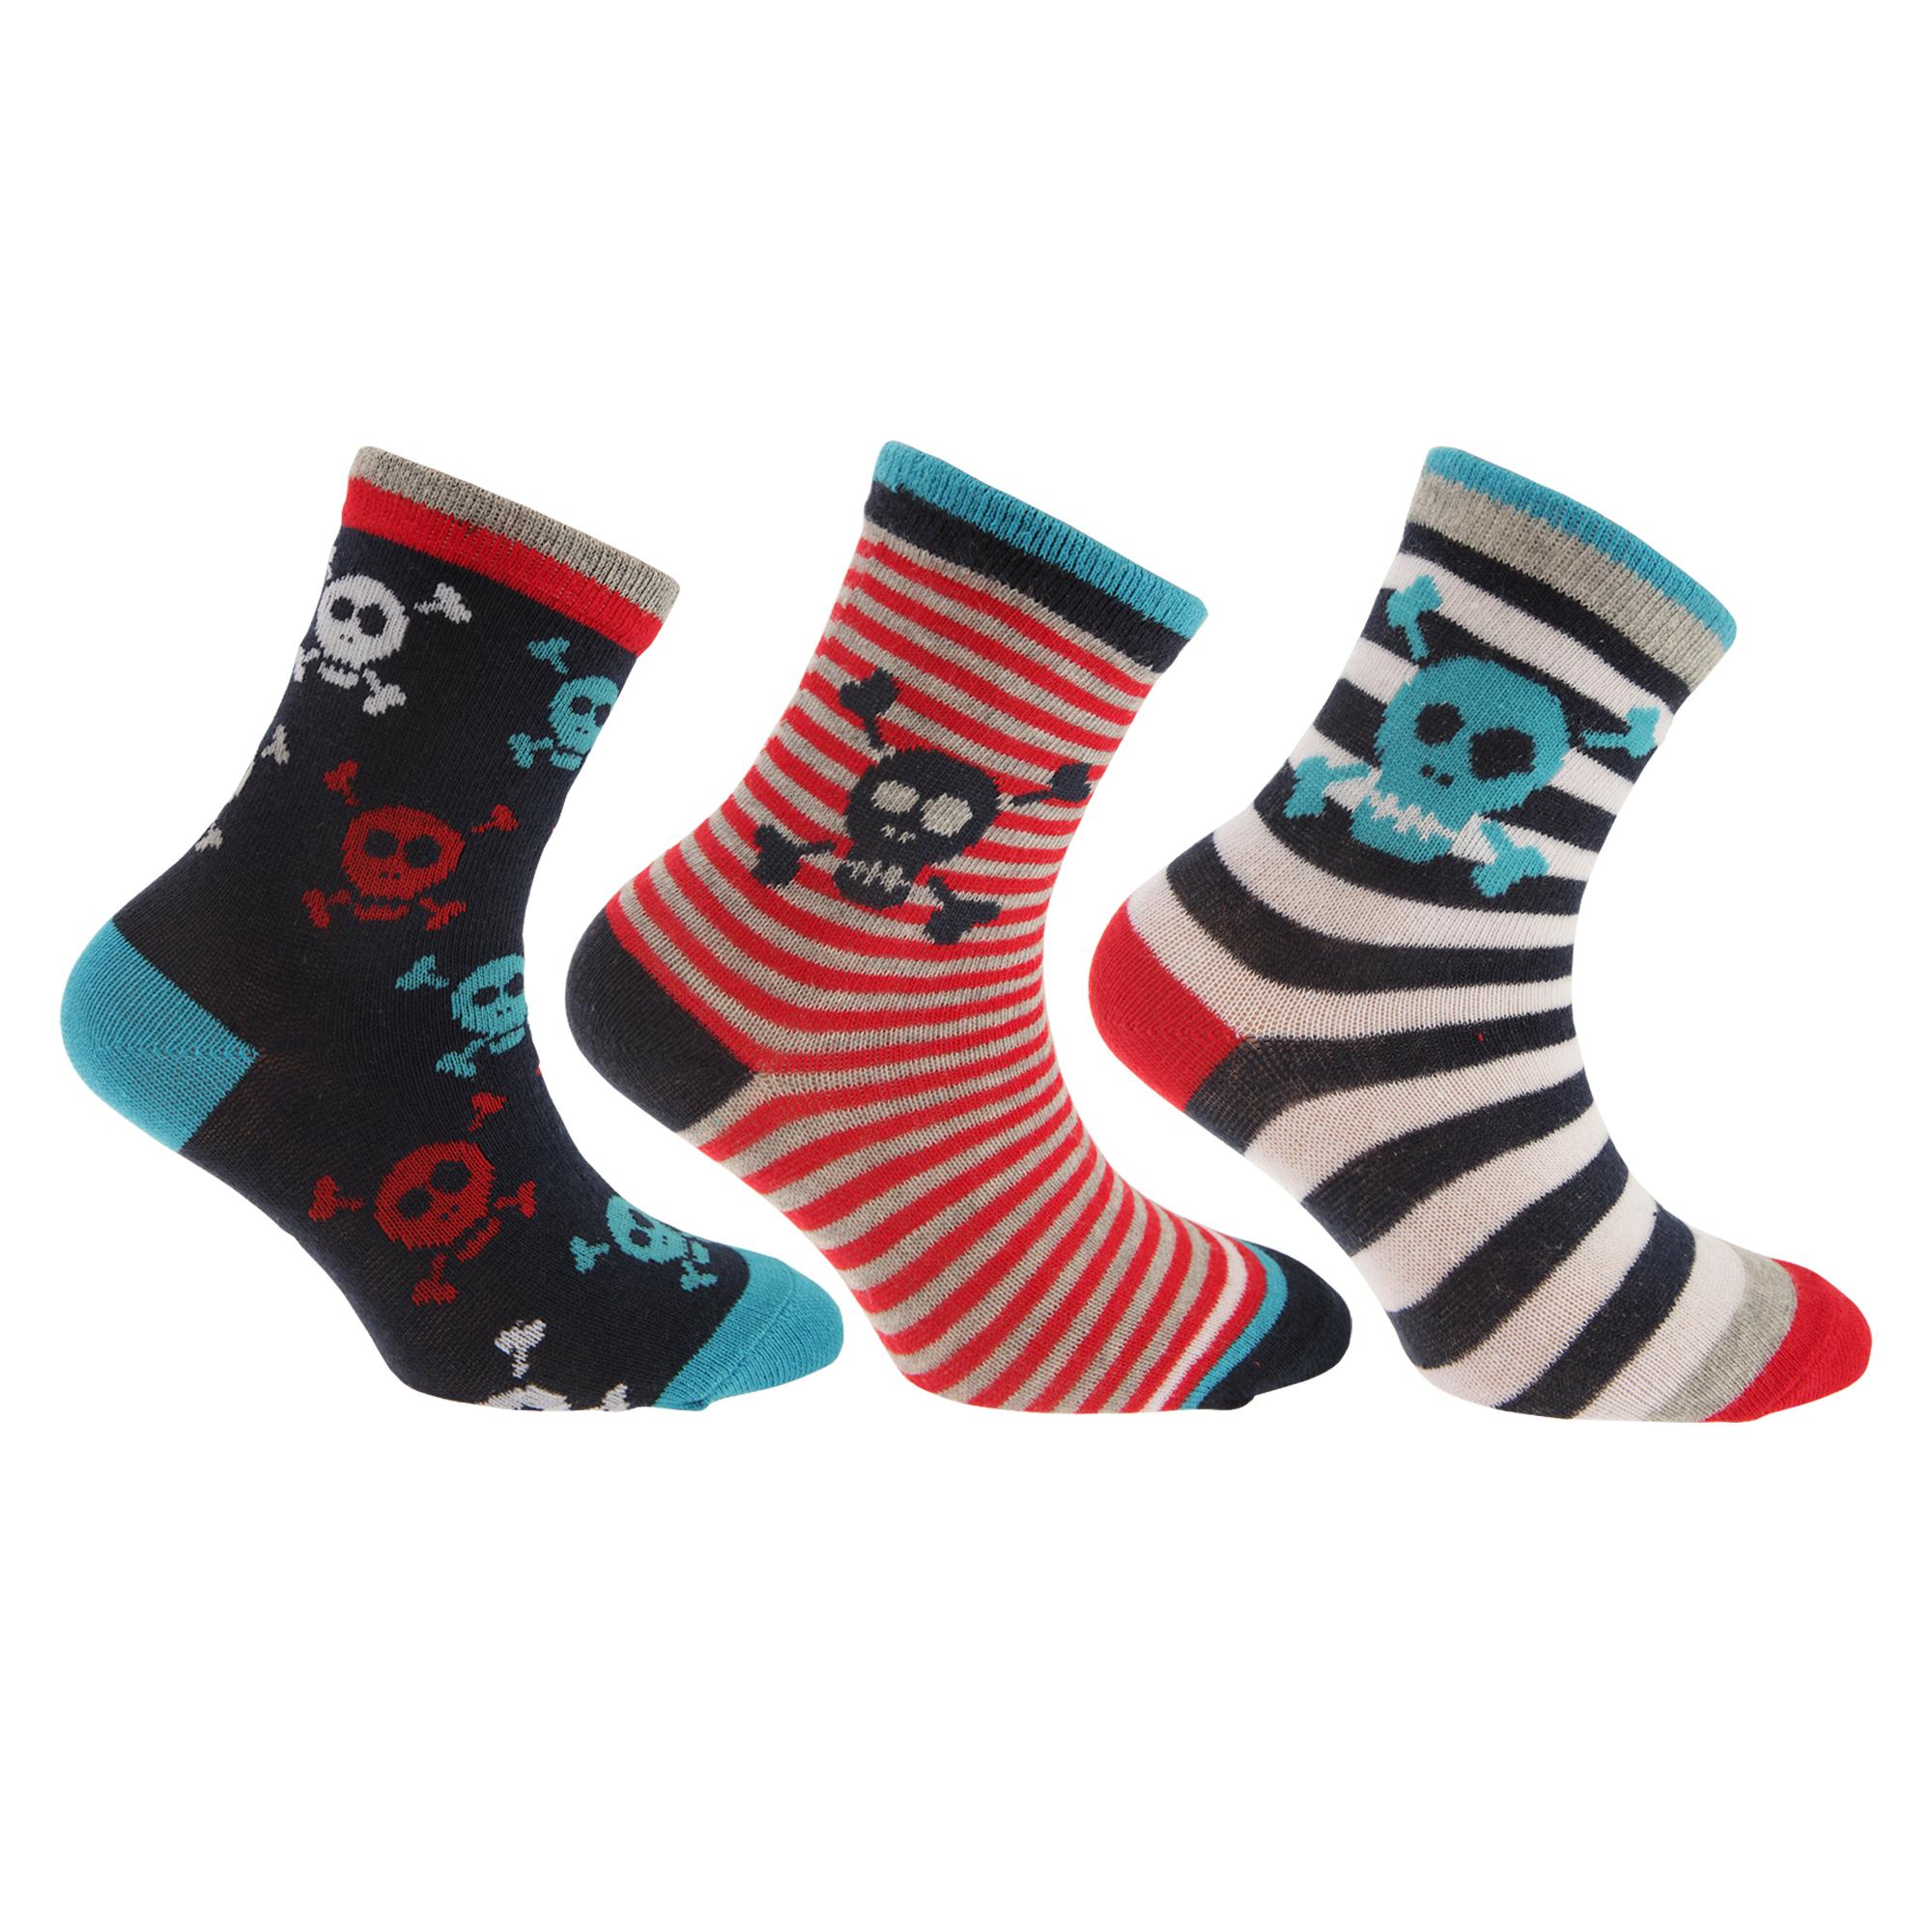 Childrens-Boys-Cotton-Rich-Skull-Dinosaur-Design-Socks-Pack-Of-3-K330